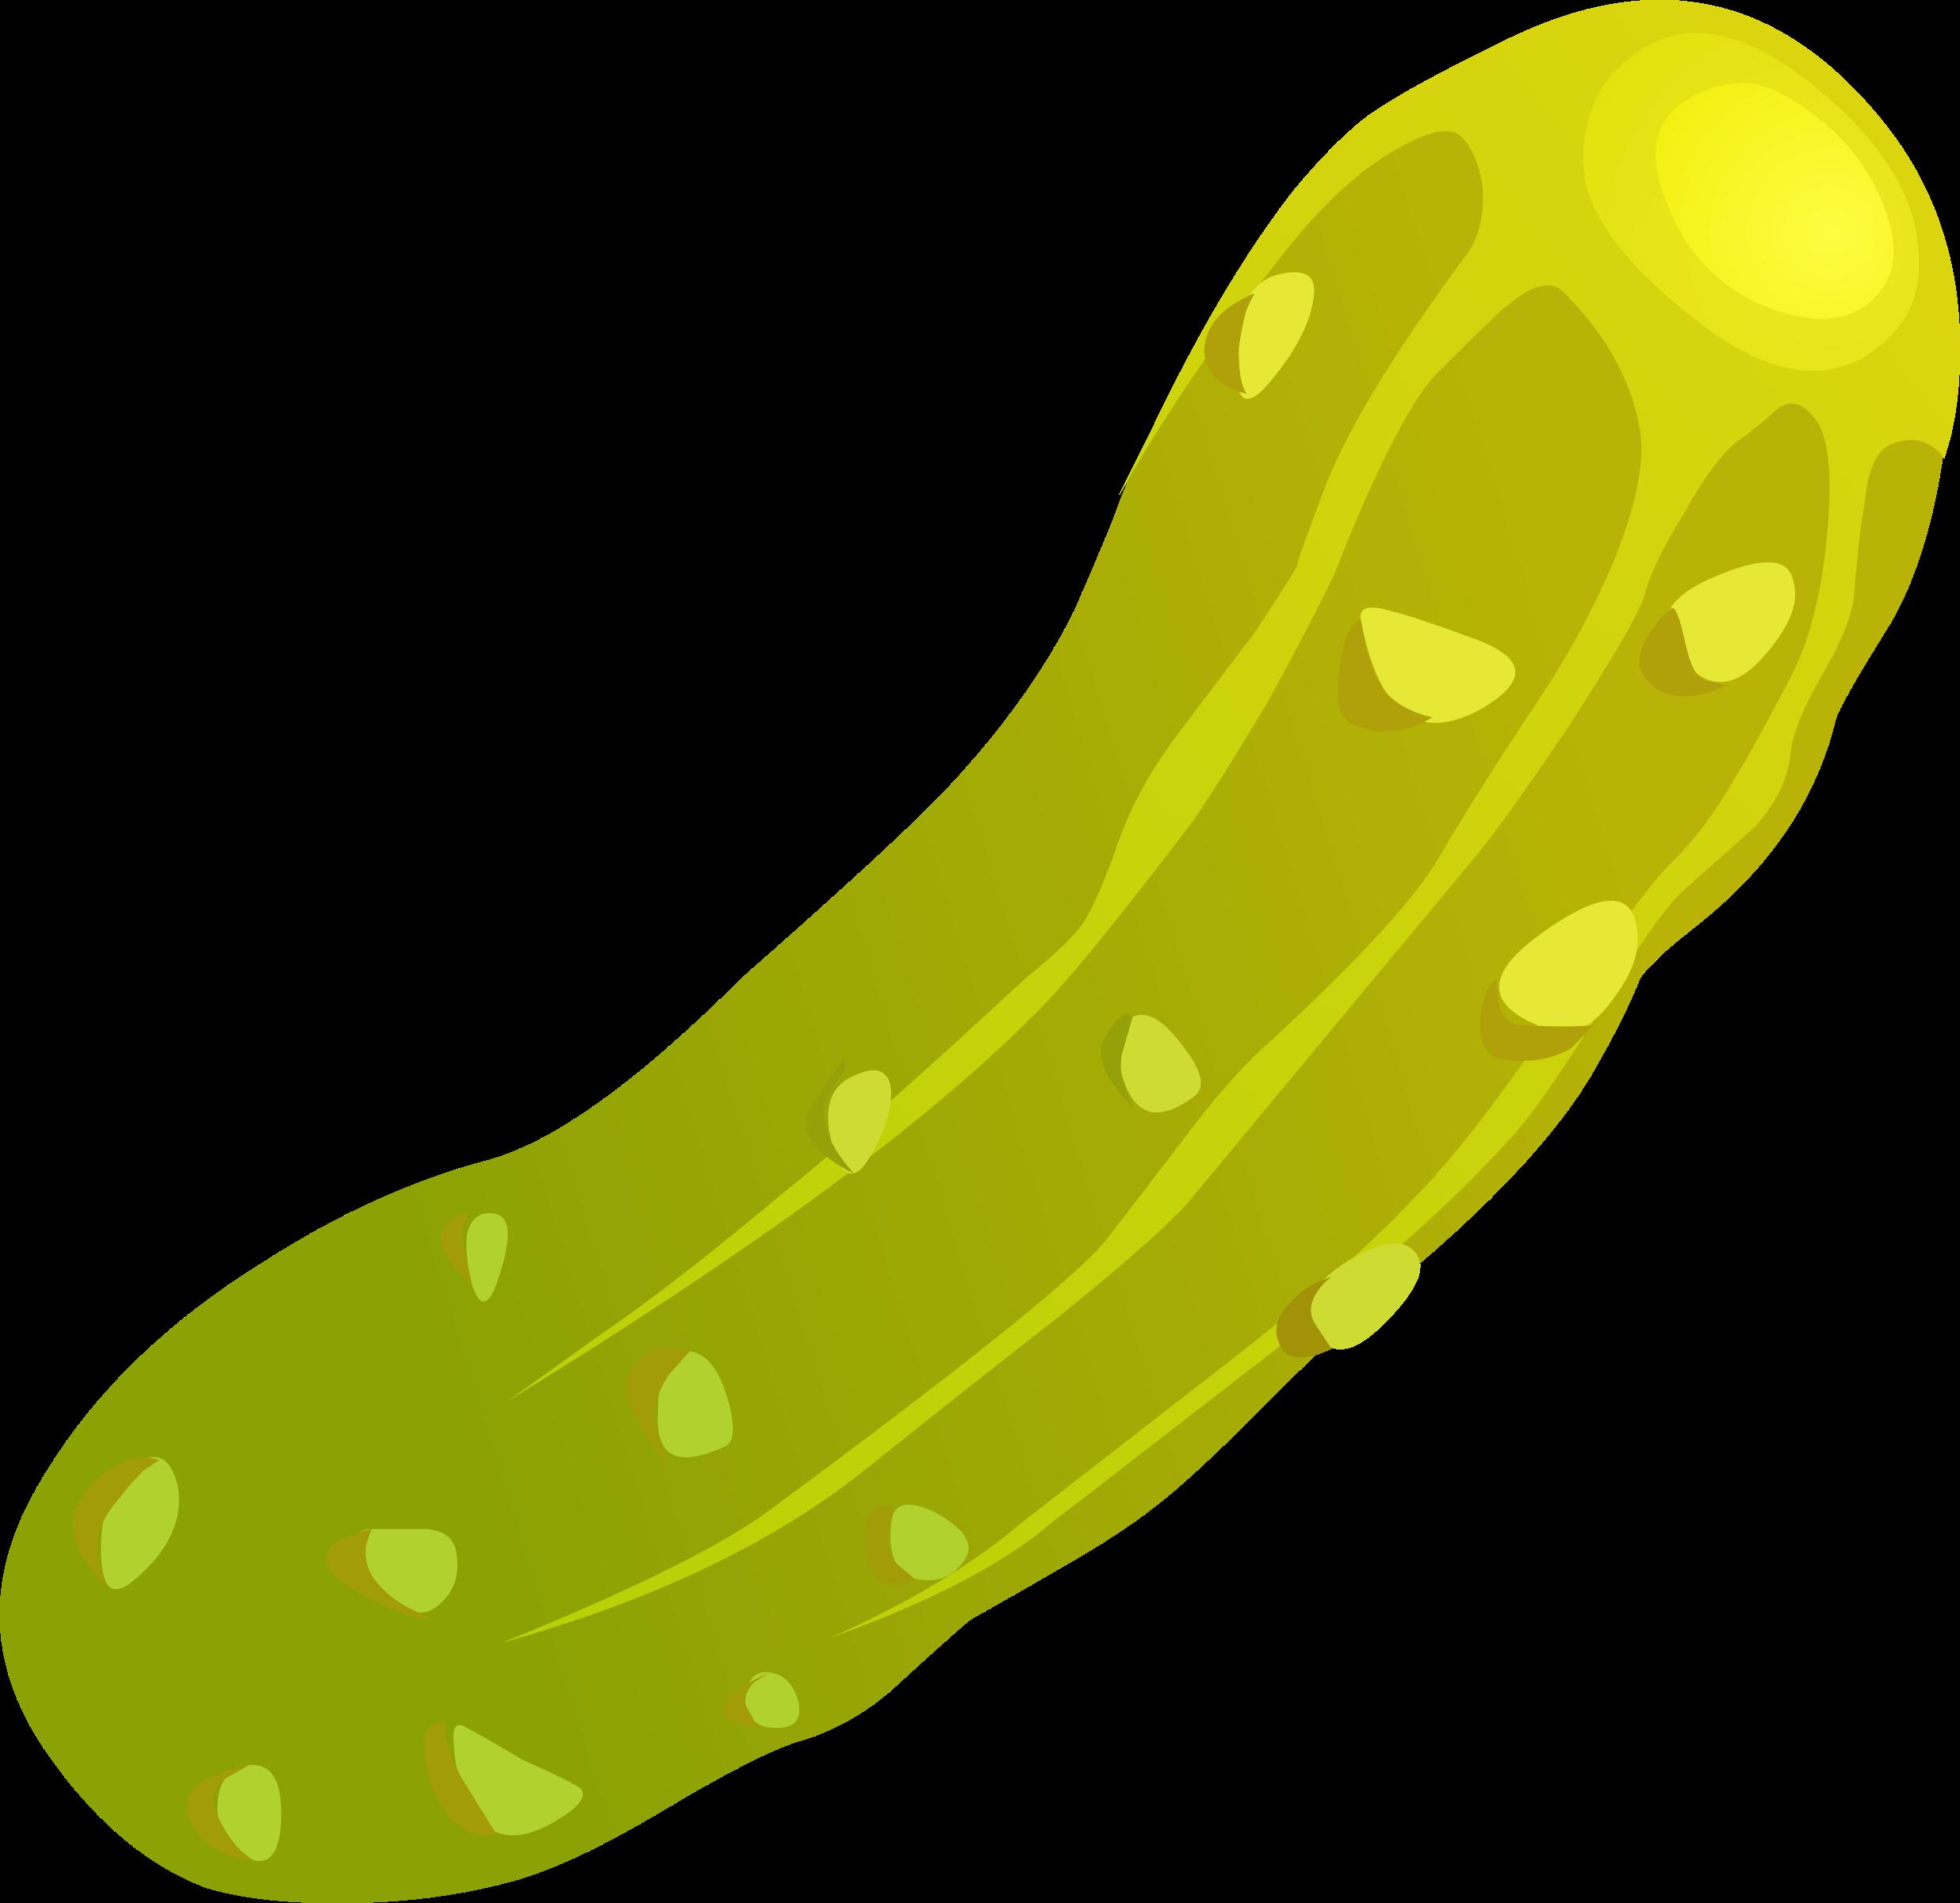 Pickle Clip Art-Pickle Clip Art-7